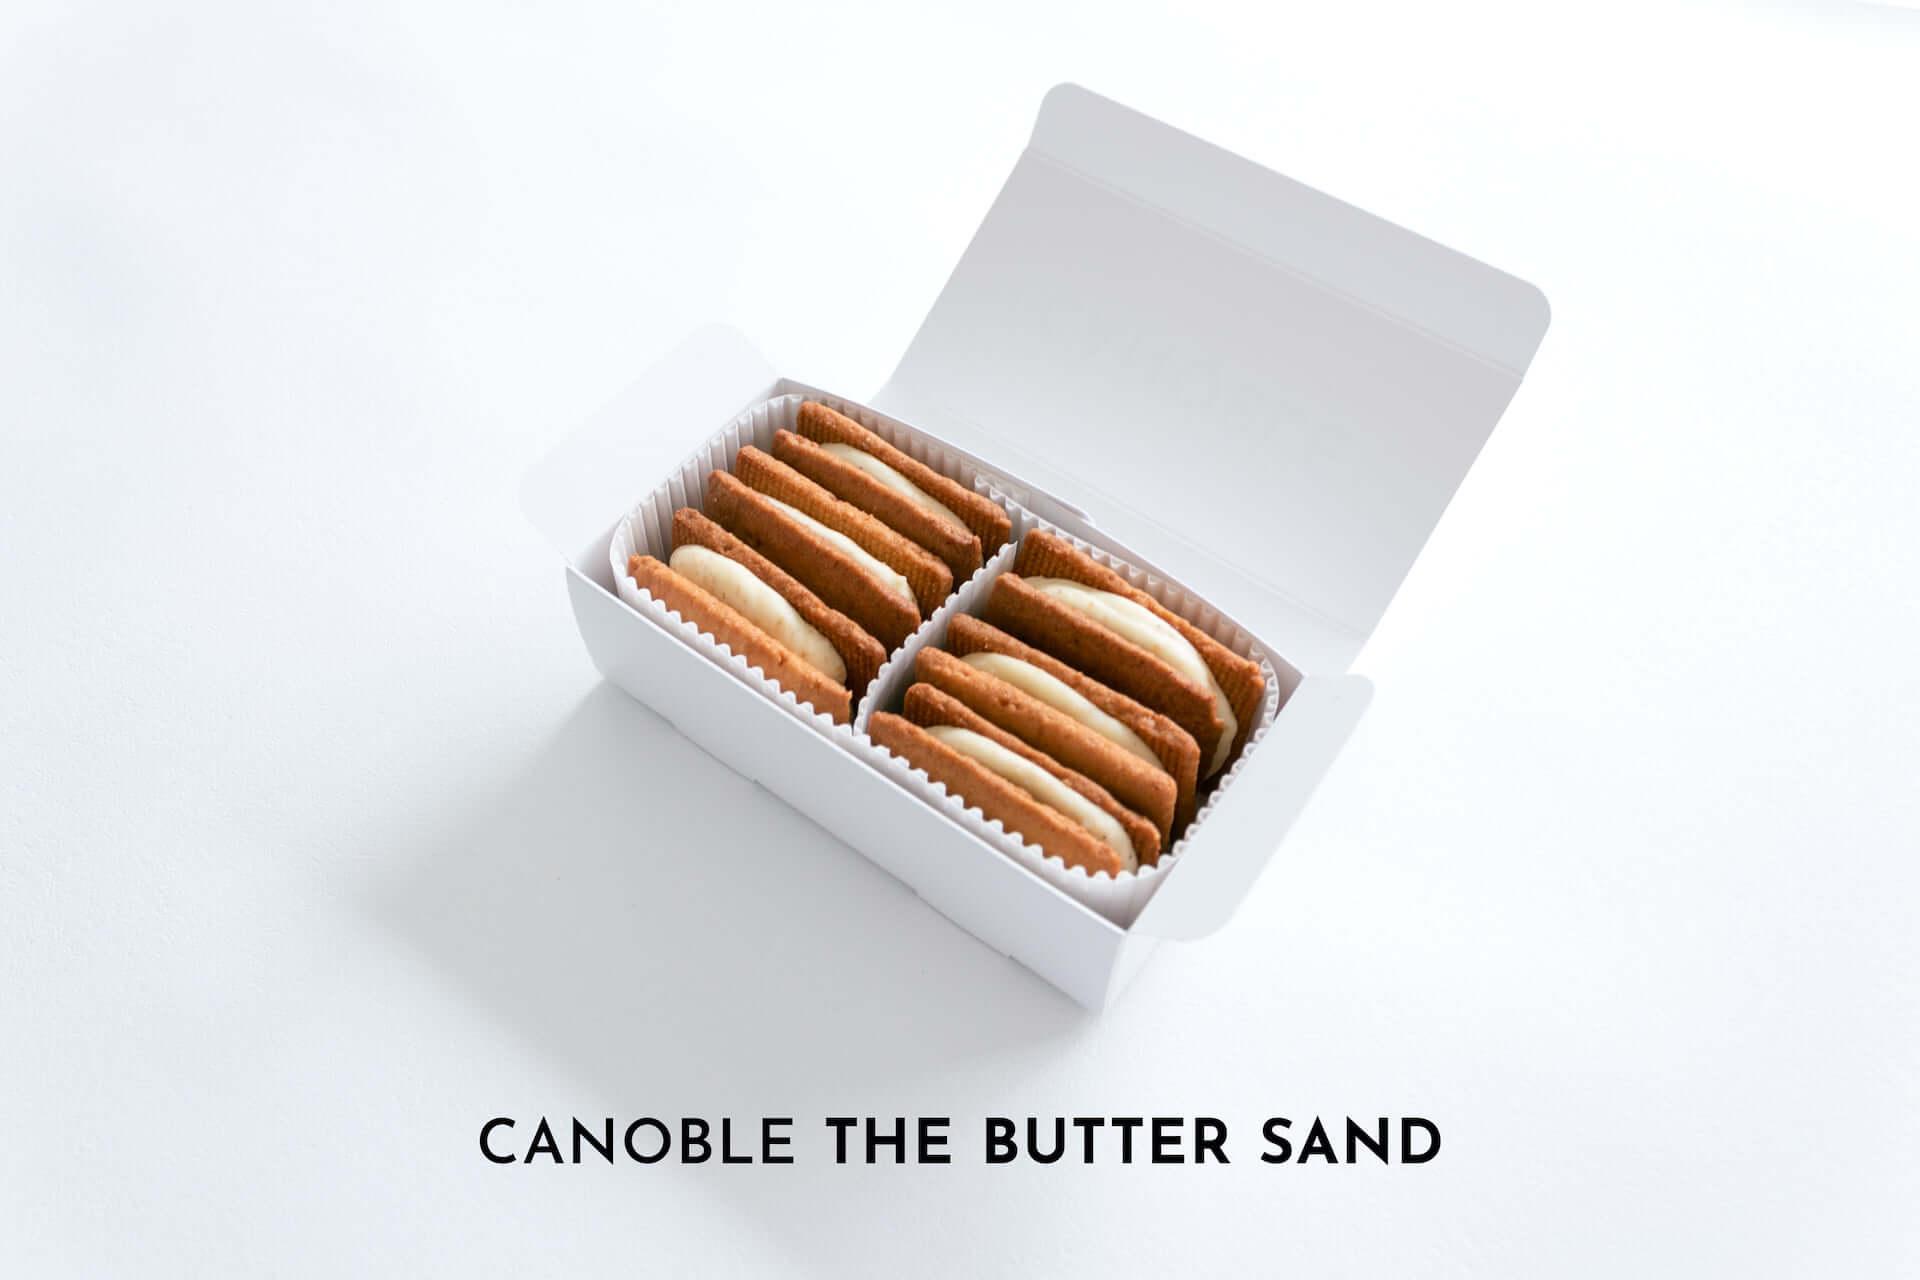 """新感覚の""""食べるバター""""を味わおう!バター原理主義者のためのバターサンド『CANOBLE THE BUTTER SAND』がCANOBLEより発売決定 gourmet200728_canoble-thebuttersand_3-1920x1280"""